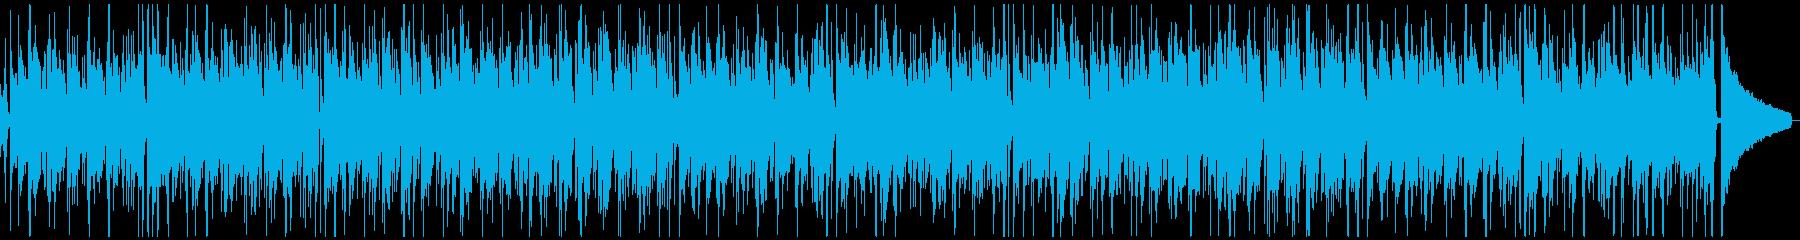 ウクレレのトロピカルな夏のレゲエ風BGMの再生済みの波形